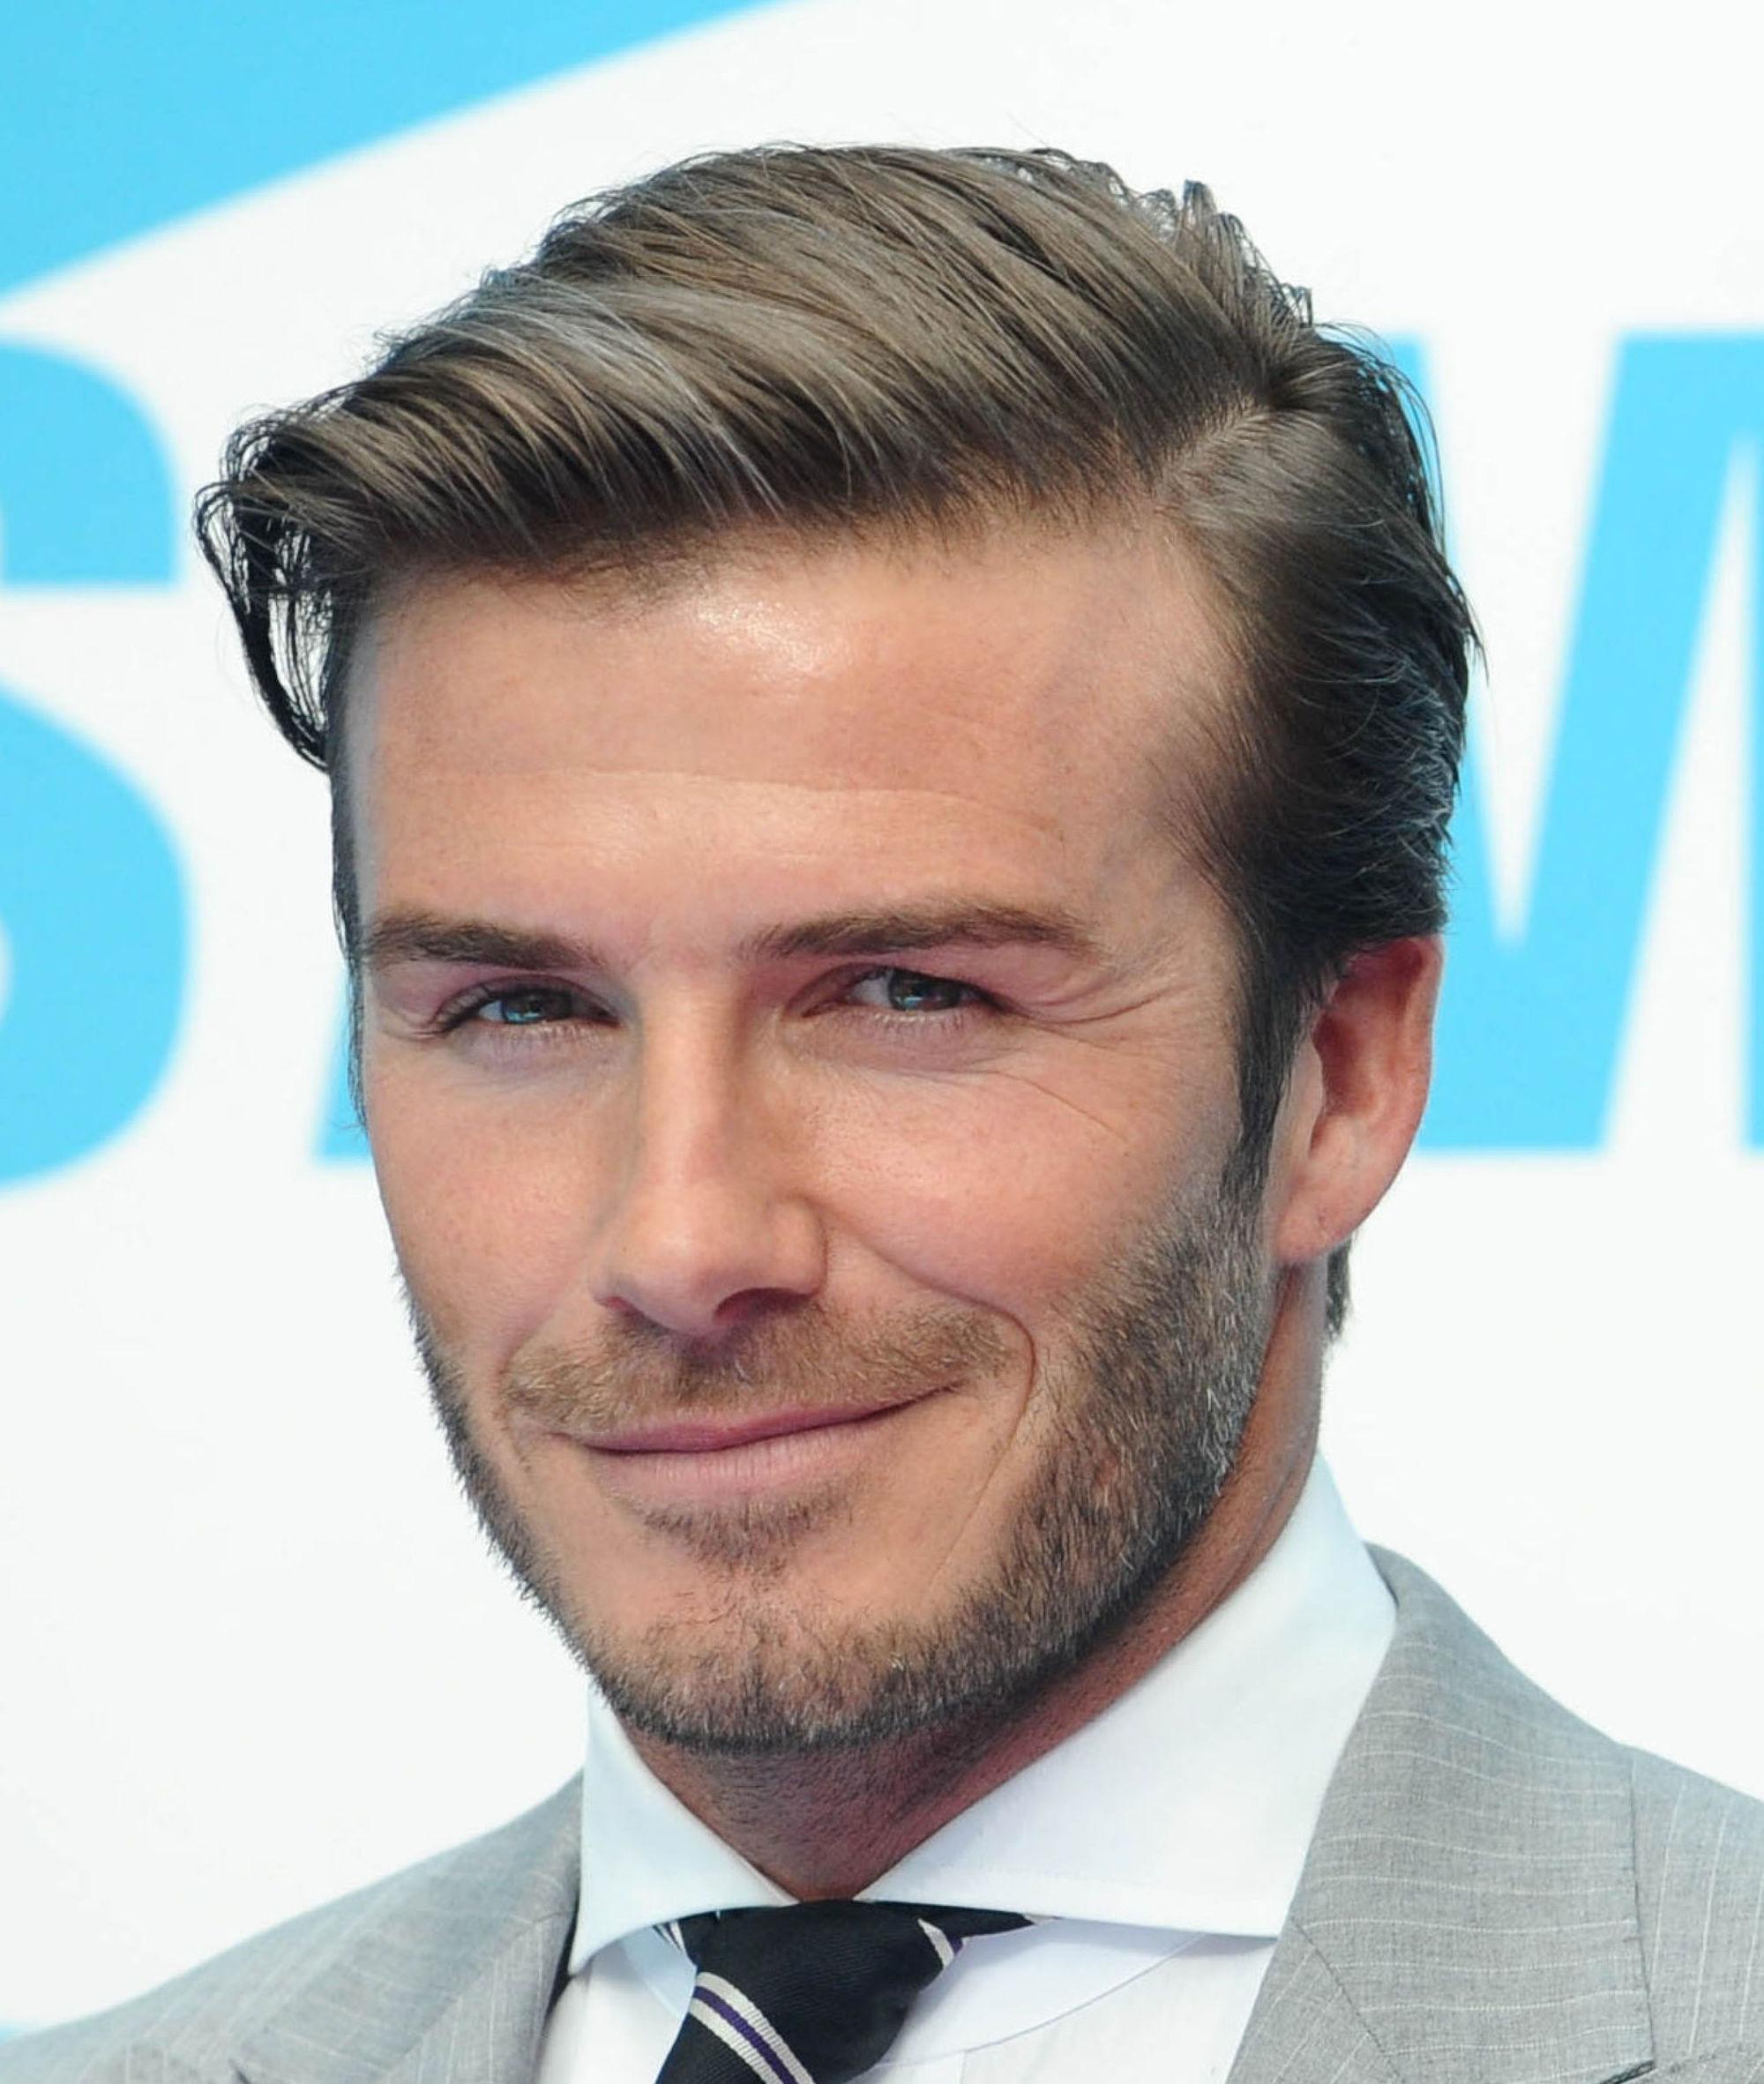 David Beckham avec une coupe de cheveux pompadour à séparation latérale